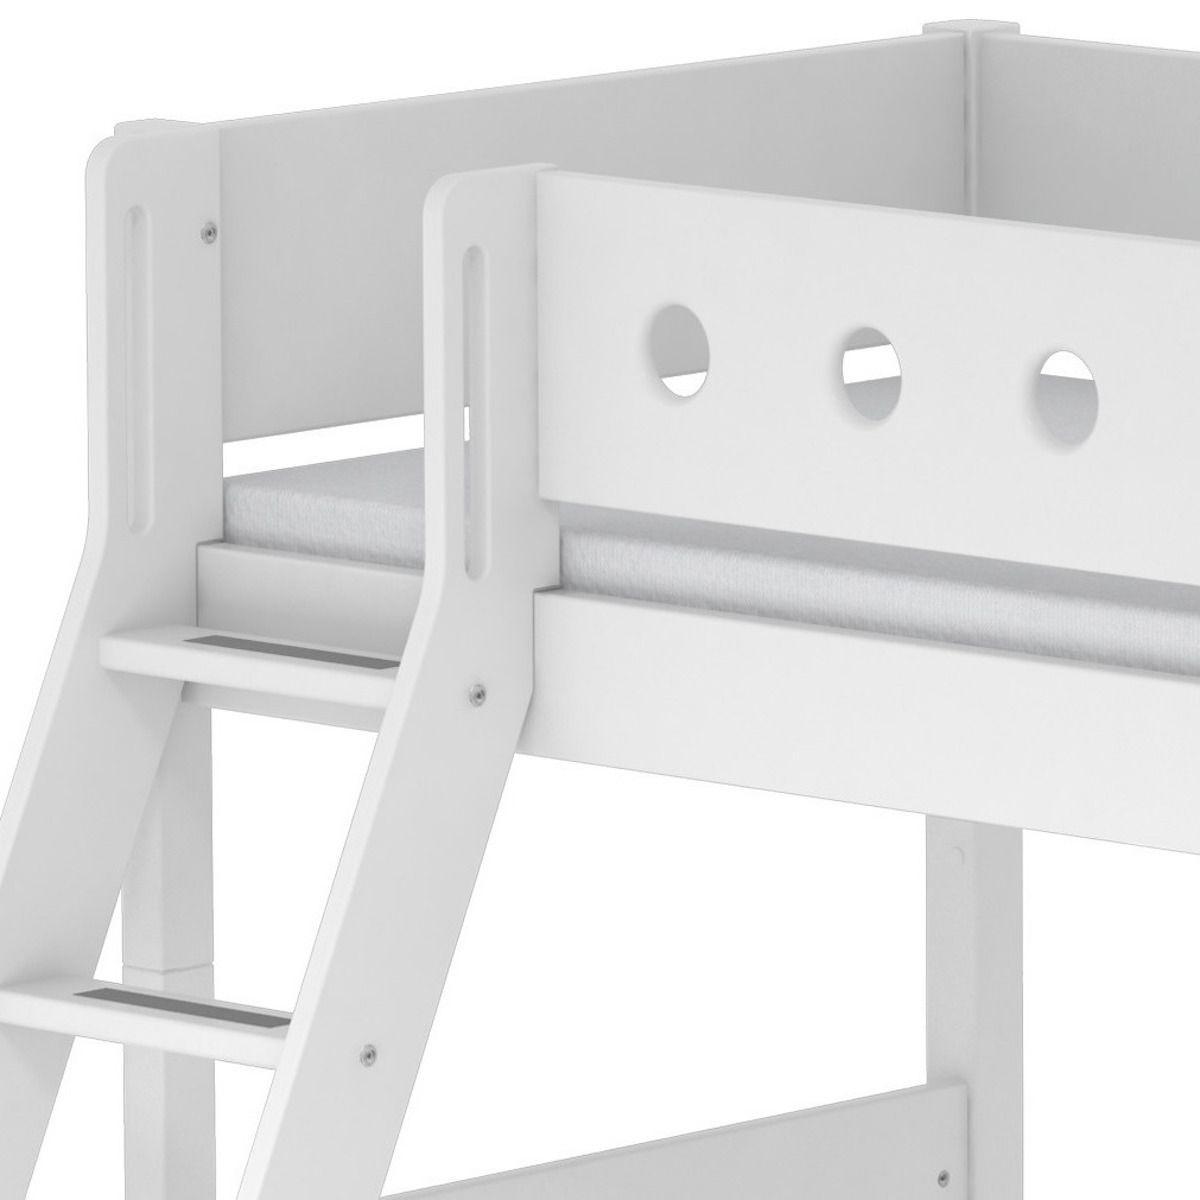 Flexa Enfant Échelle Surélevé Barrière Blancs Pieds Inclinée Lit Blanche White 90x190 fyIb7vY6g